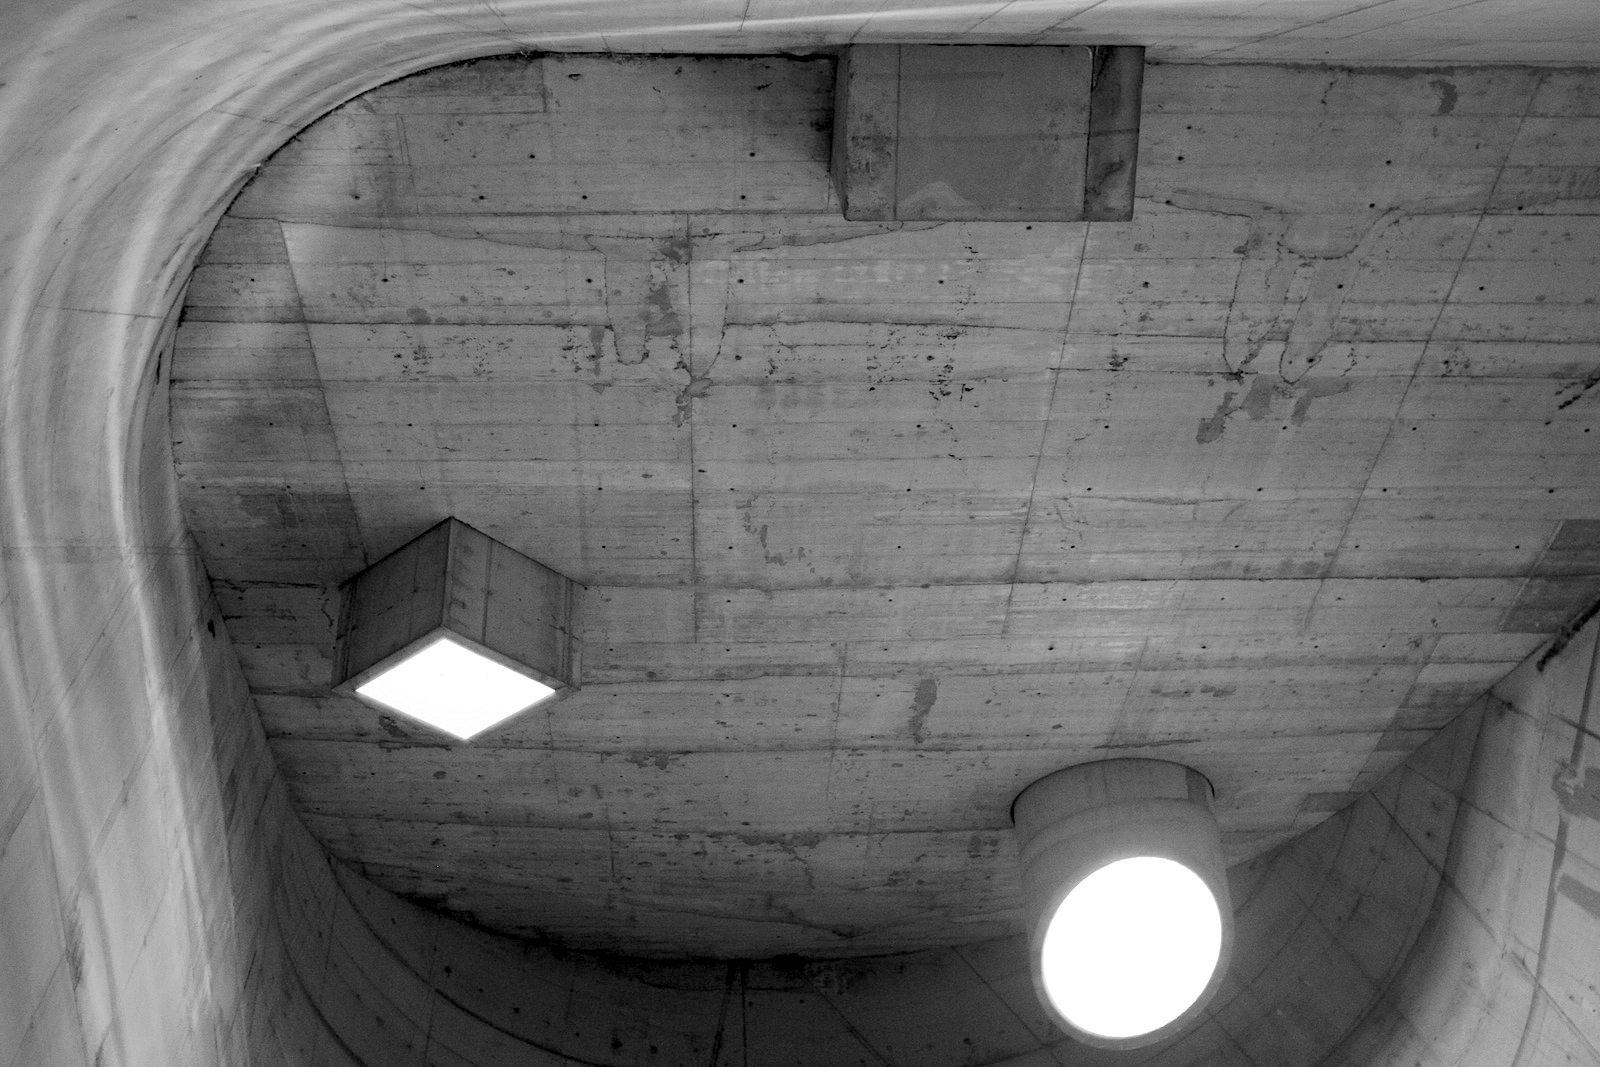 L'église Saint-Pierre.  Teil der Arbeit der Site Le Corbusier ist die Organisation von Konzerten, Workshops und Veranstaltungen rund um Architektur und Le Corbusiers Werk.